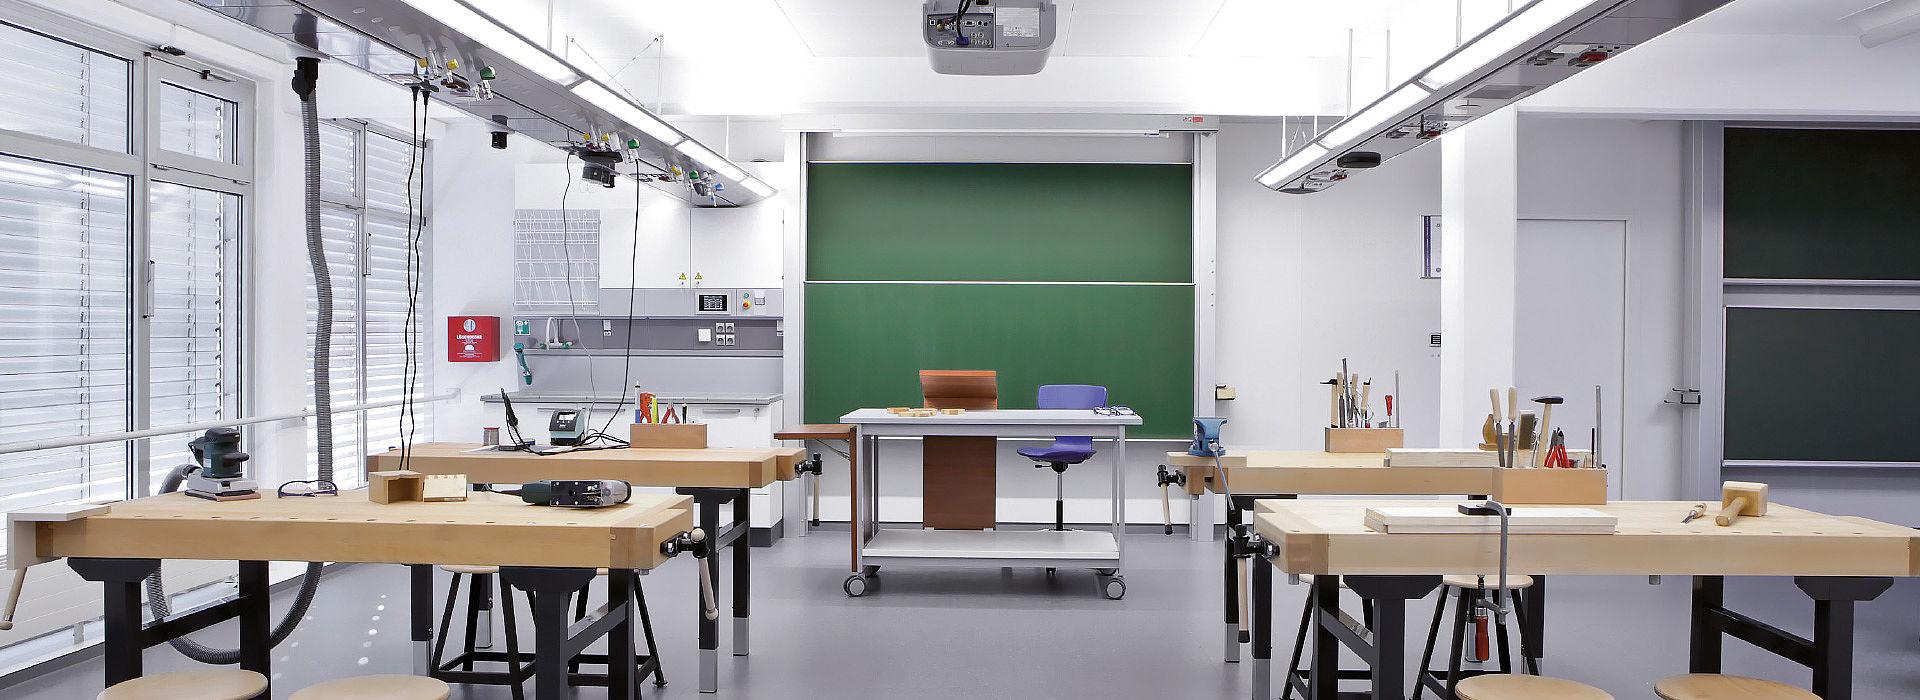 Bild: Klassenzimmer mit Werkbänken